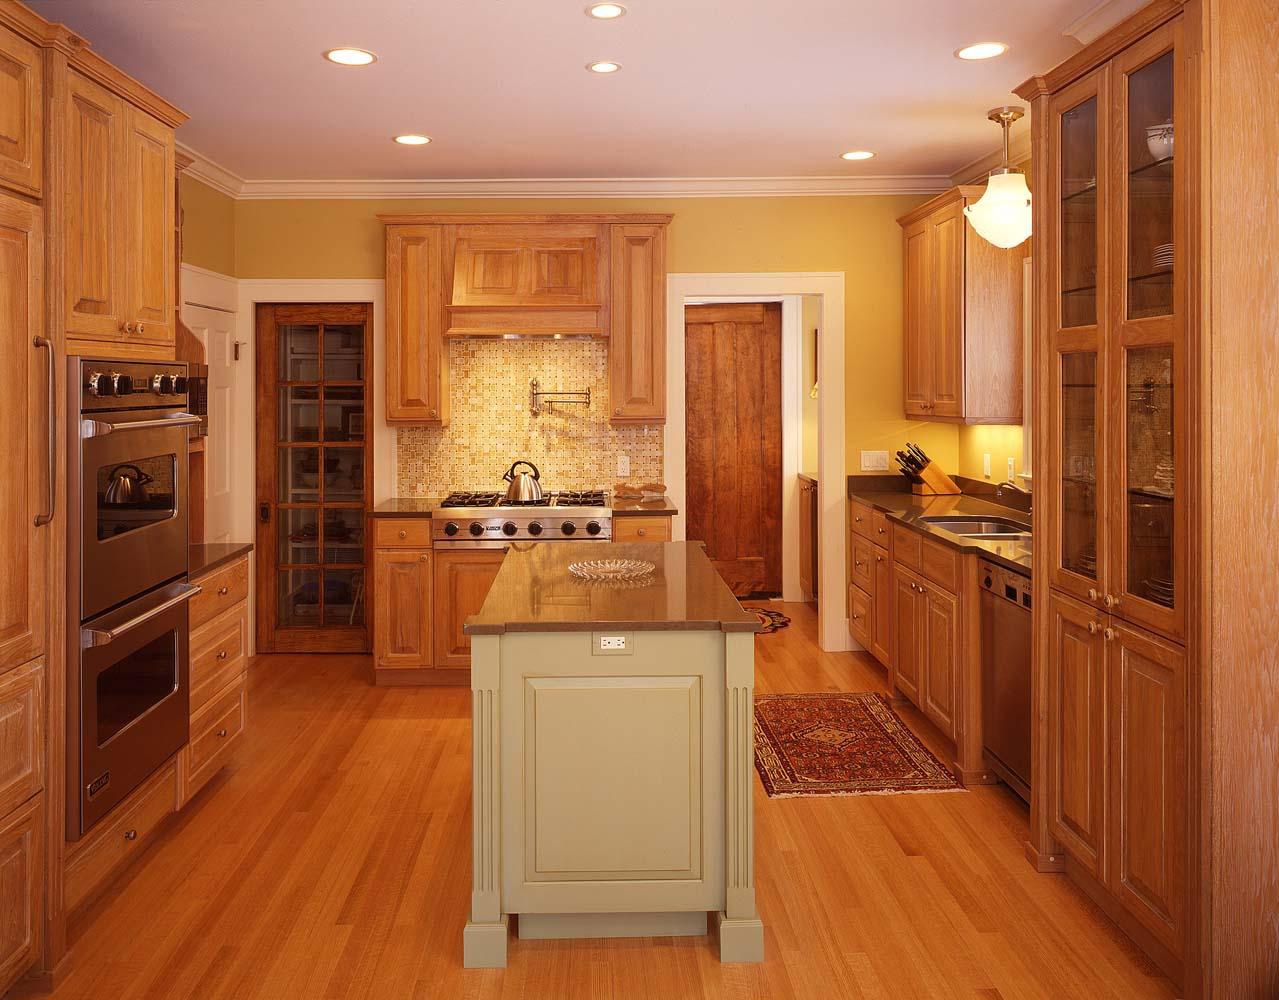 4x5's of CBS kitchen - 1.jpg